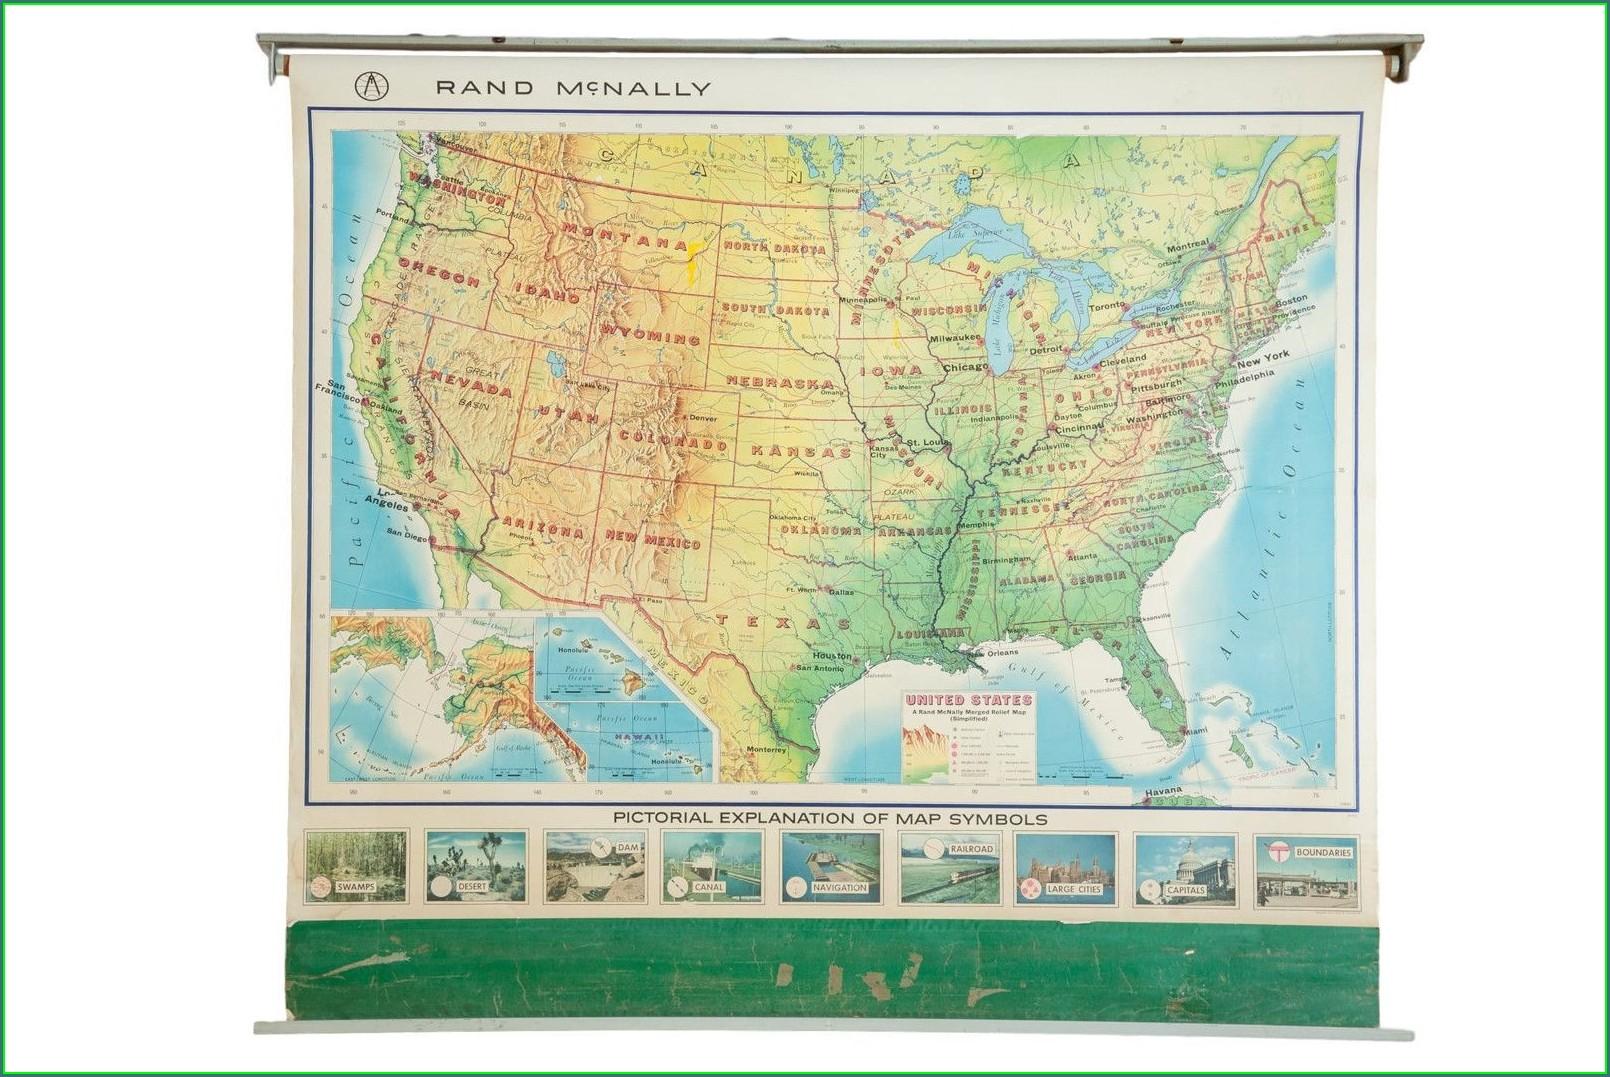 Rand Mcnally Wall Maps Classroom